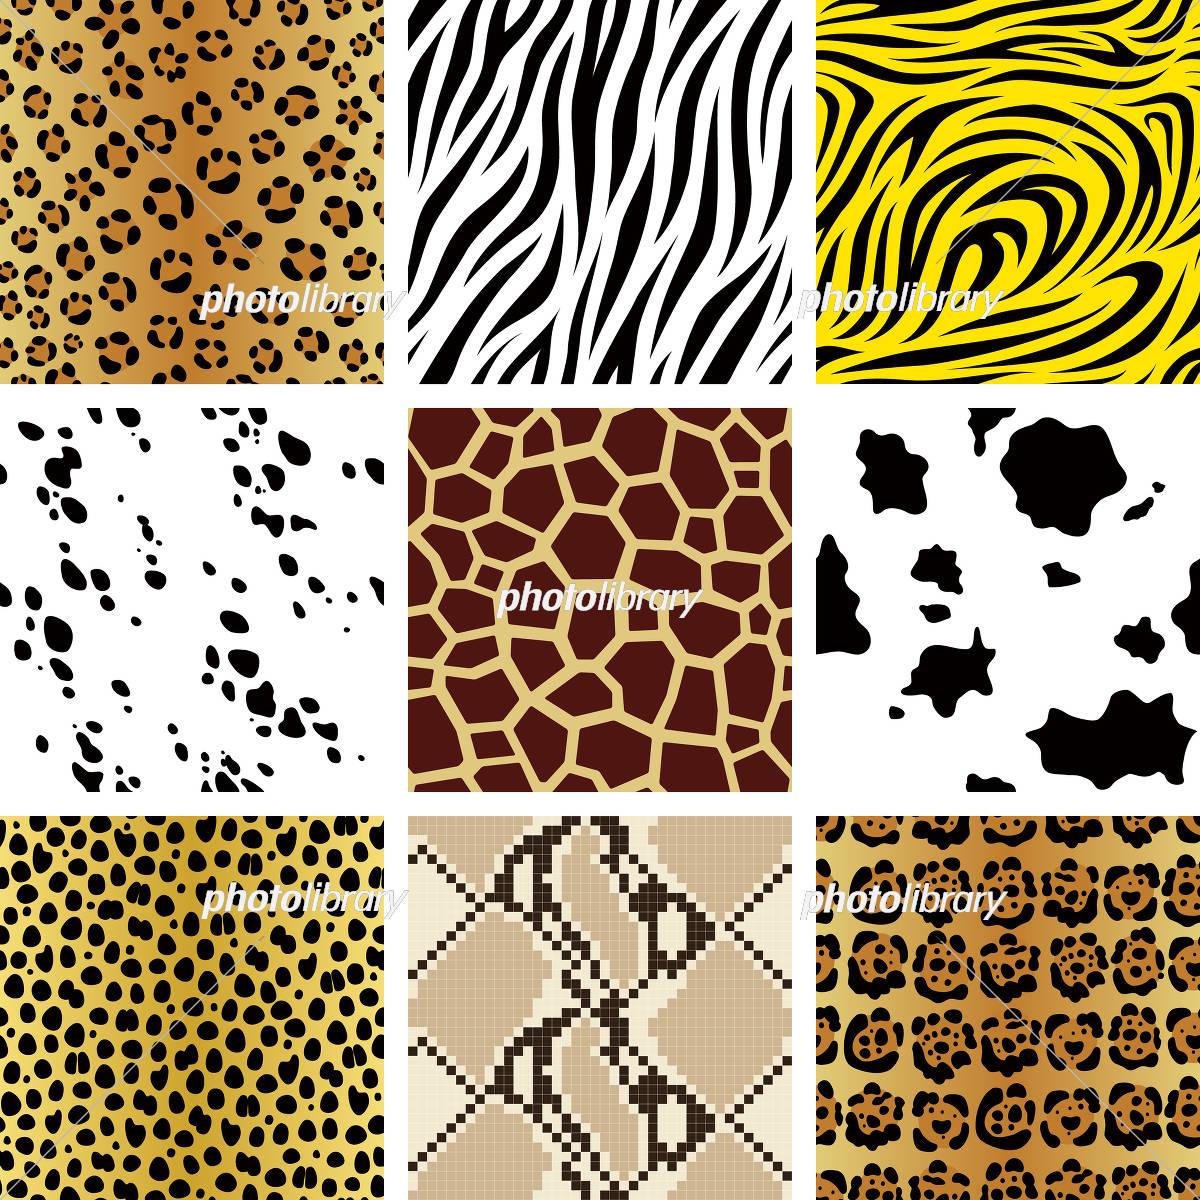 シームレス 動物 柄 パターン 9点 セット イラスト素材 [ 5369598